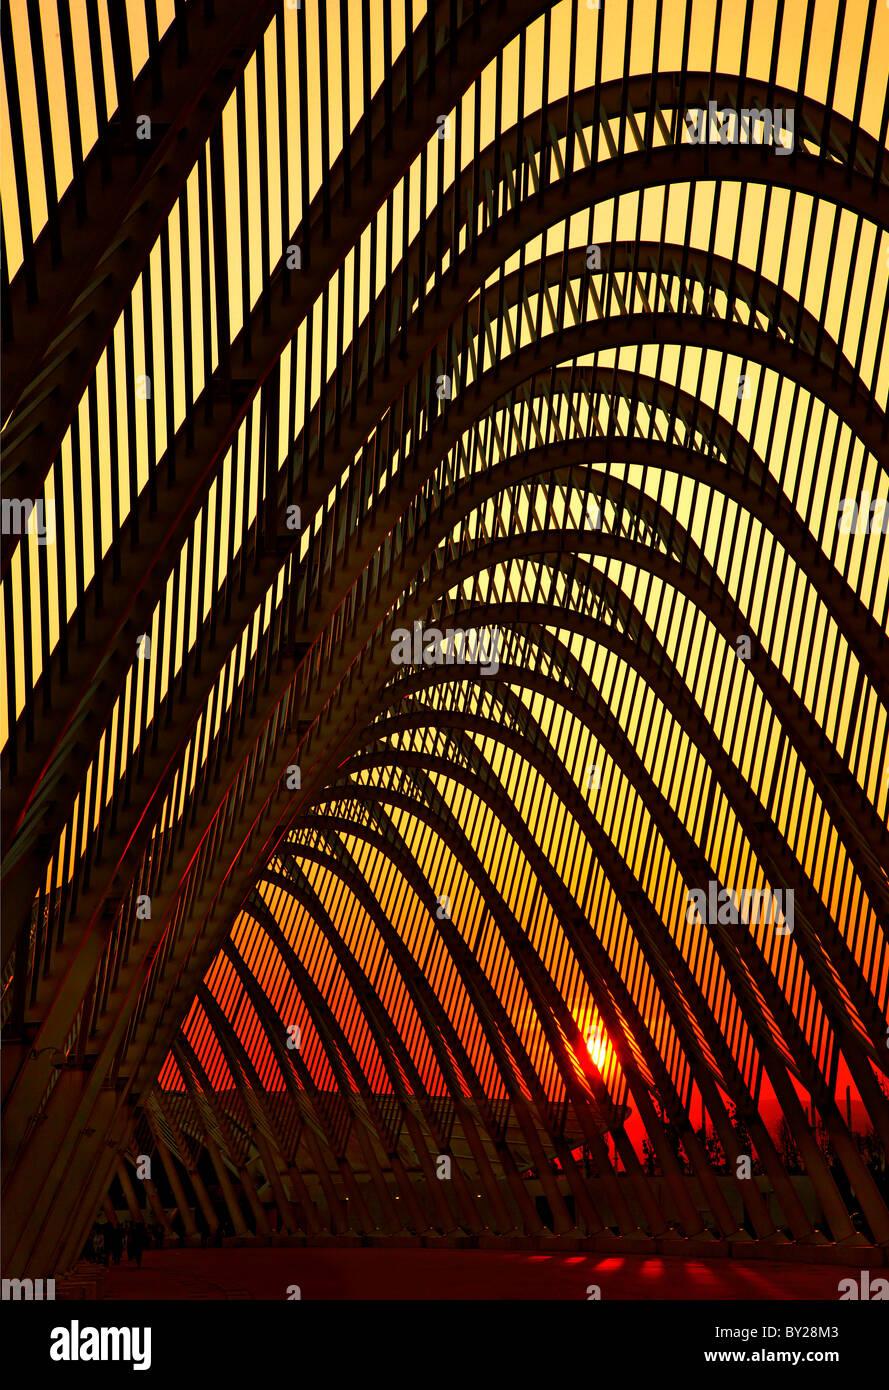 """El """"Ágora"""" en el complejo olímpico de Atenas, donde los Juegos Olímpicos de 2004, se llevó Imagen De Stock"""